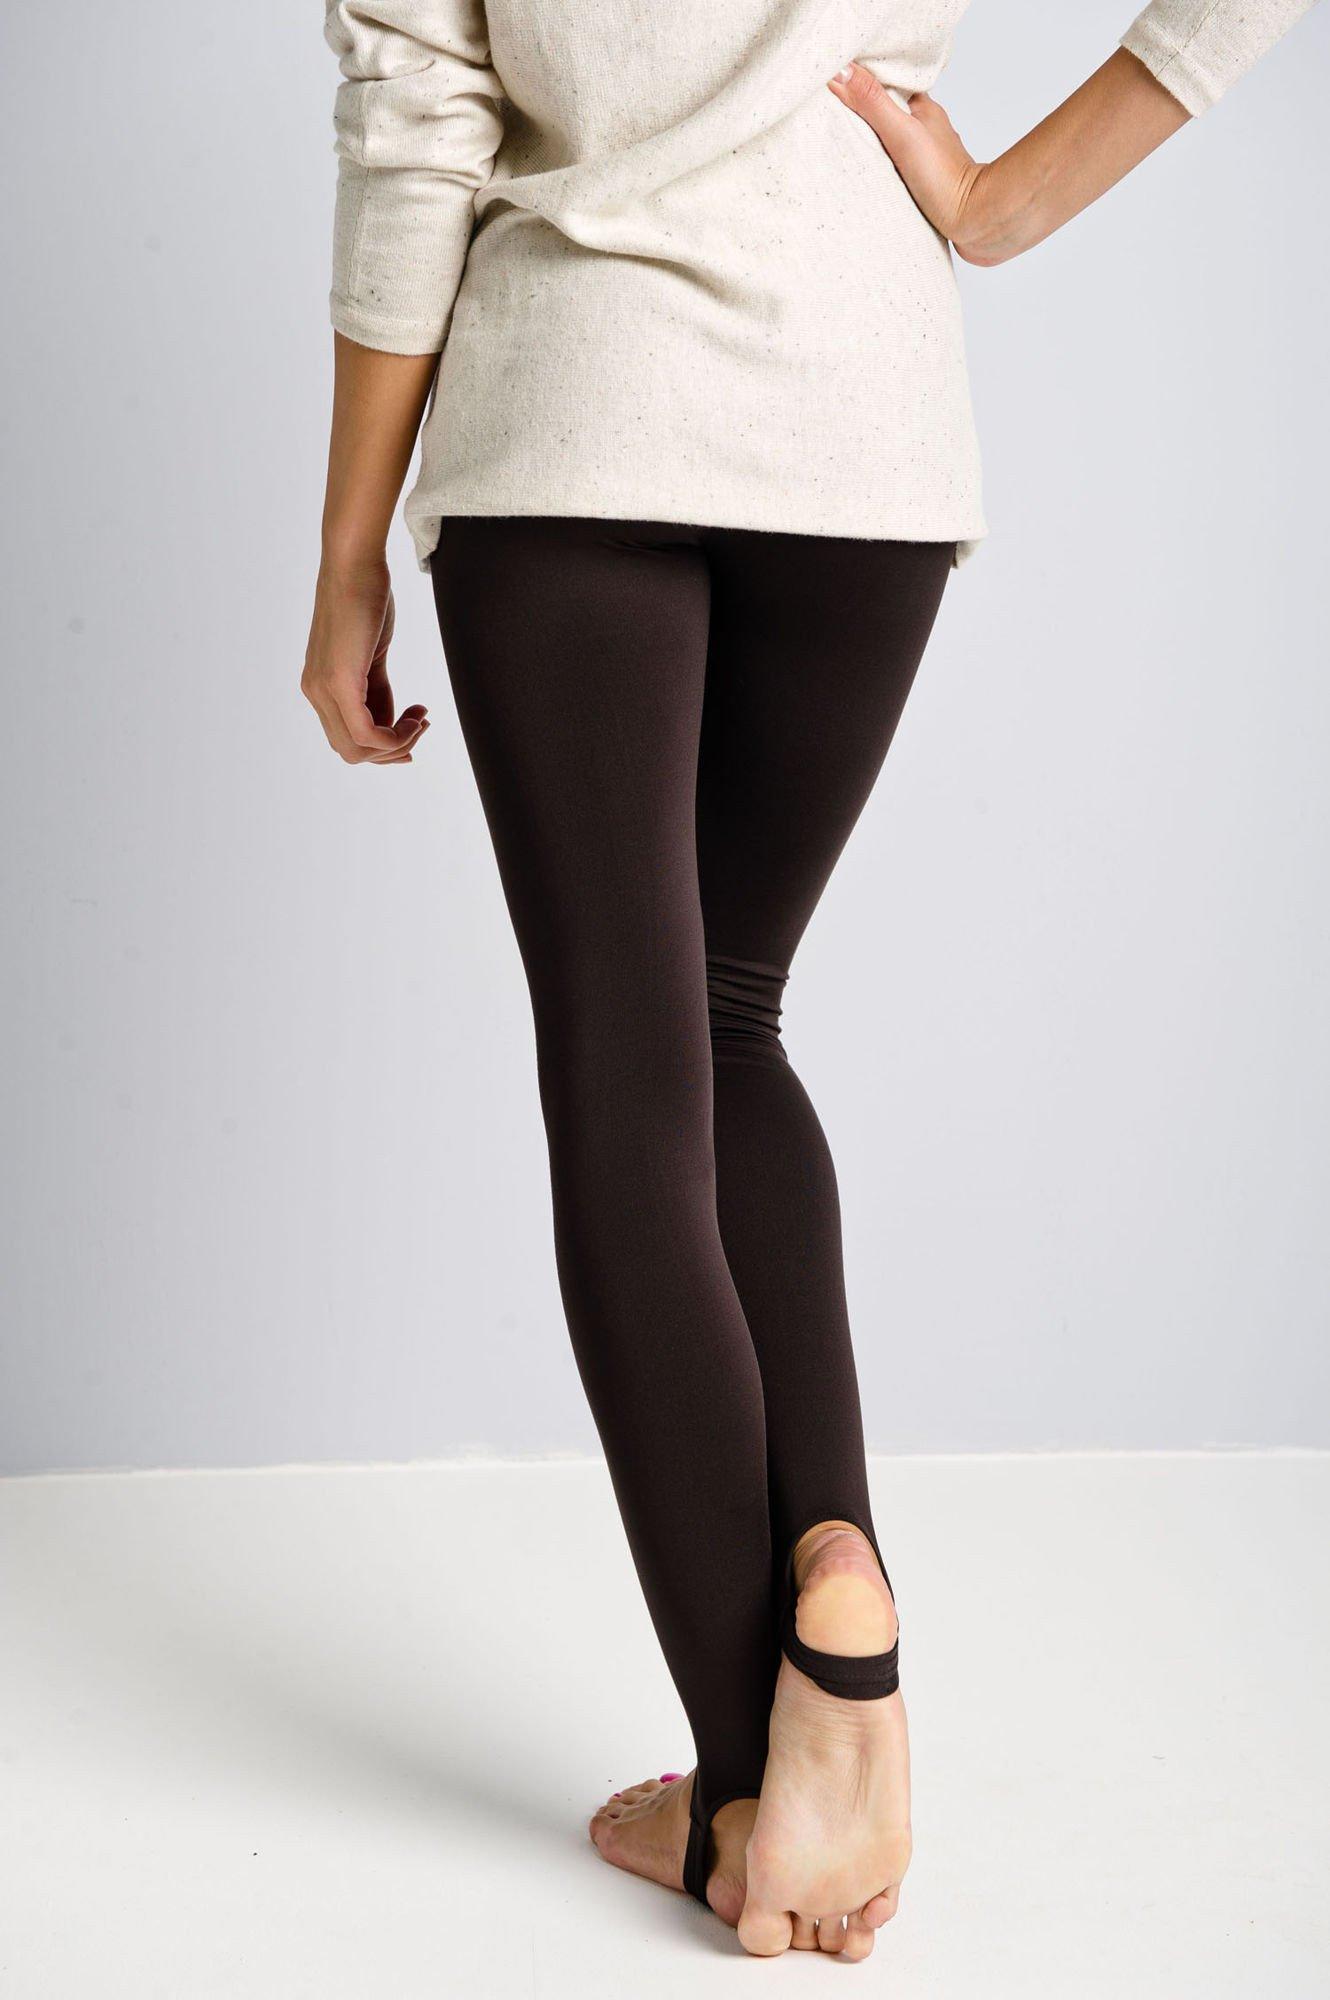 Brązowe legginsy zakładane na stopę                                  zdj.                                  3